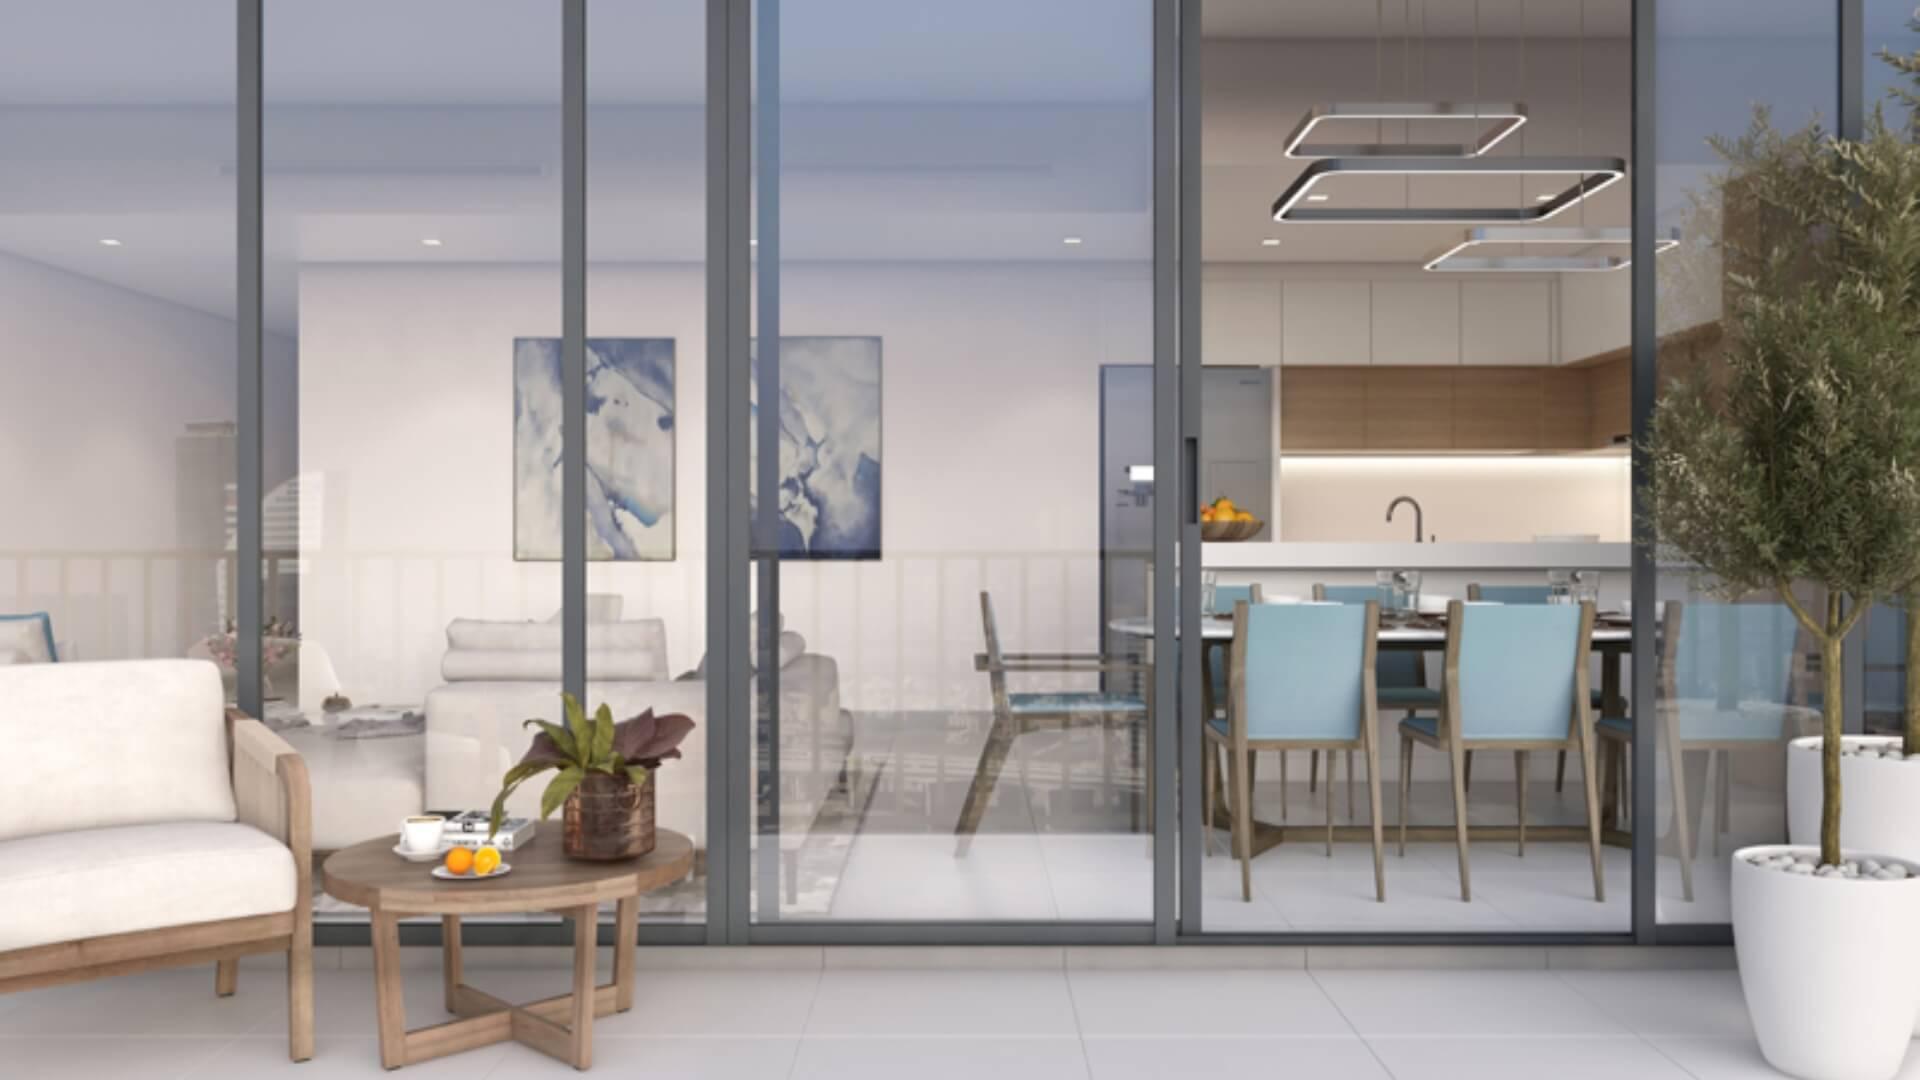 Apartamento en venta en Dubai, EAU, 3 dormitorios, 144 m2, № 24556 – foto 1